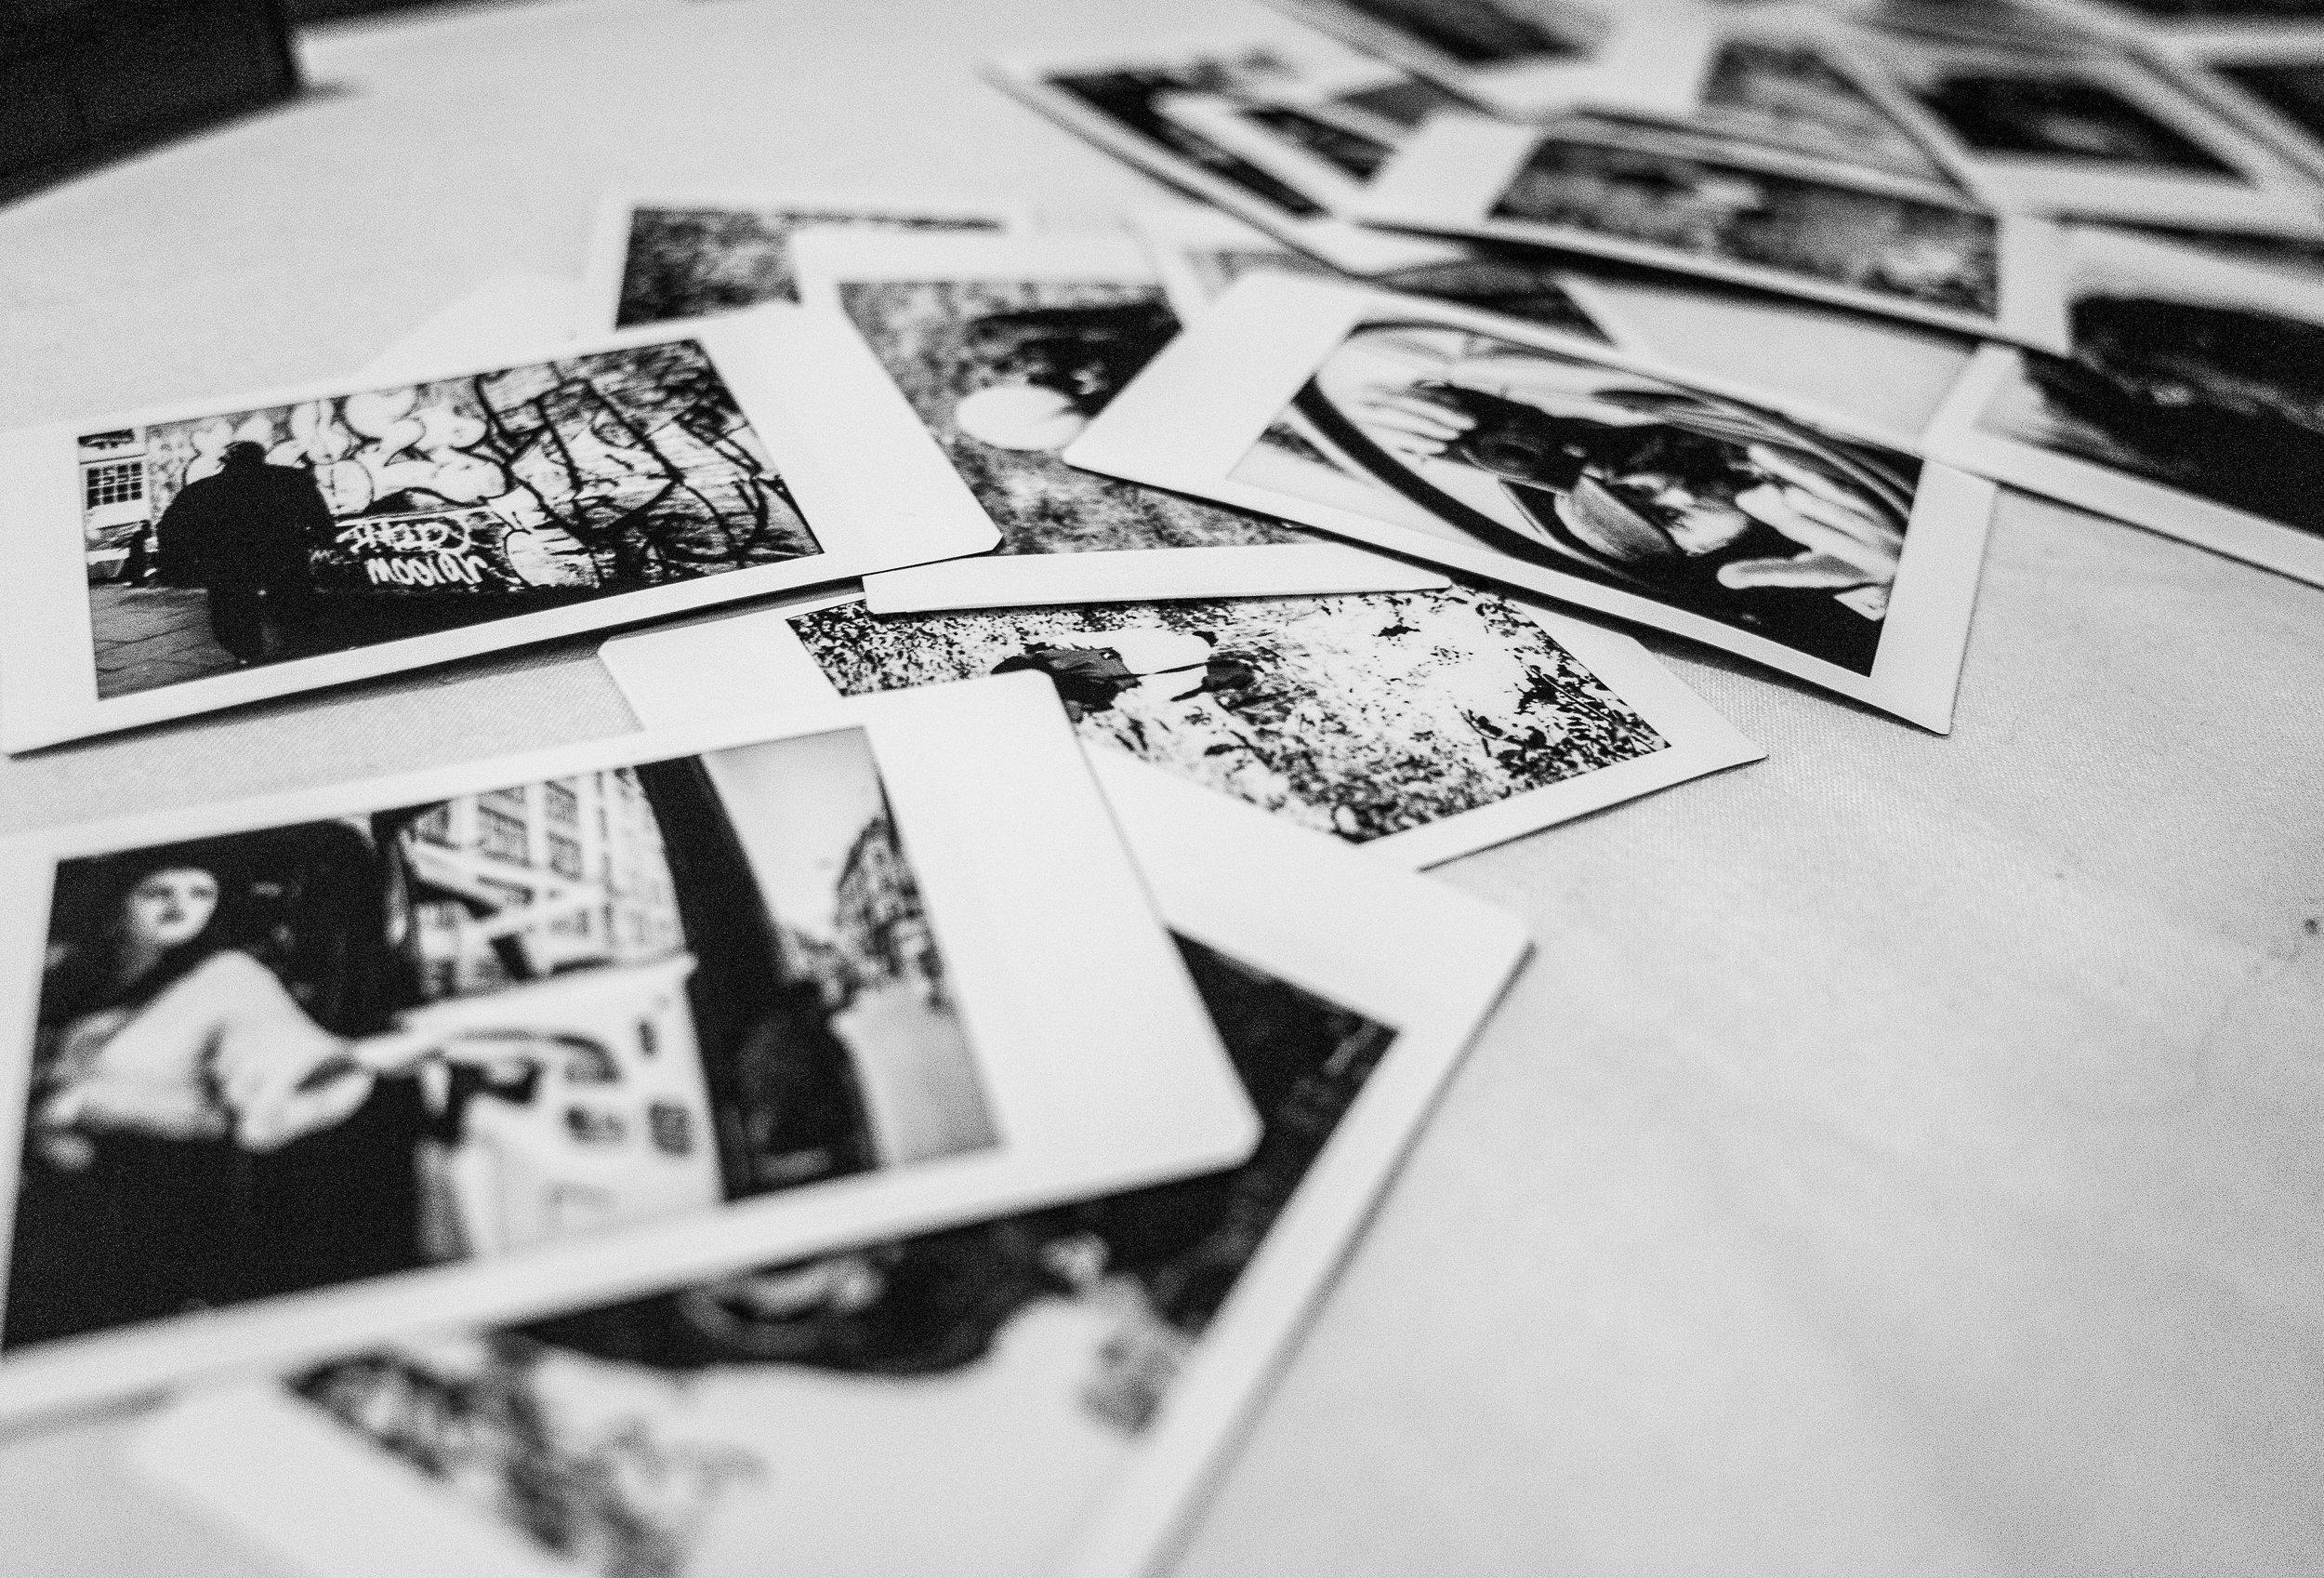 - Polaroid SX-70 & Mint TL-70 2.0 coming soon!